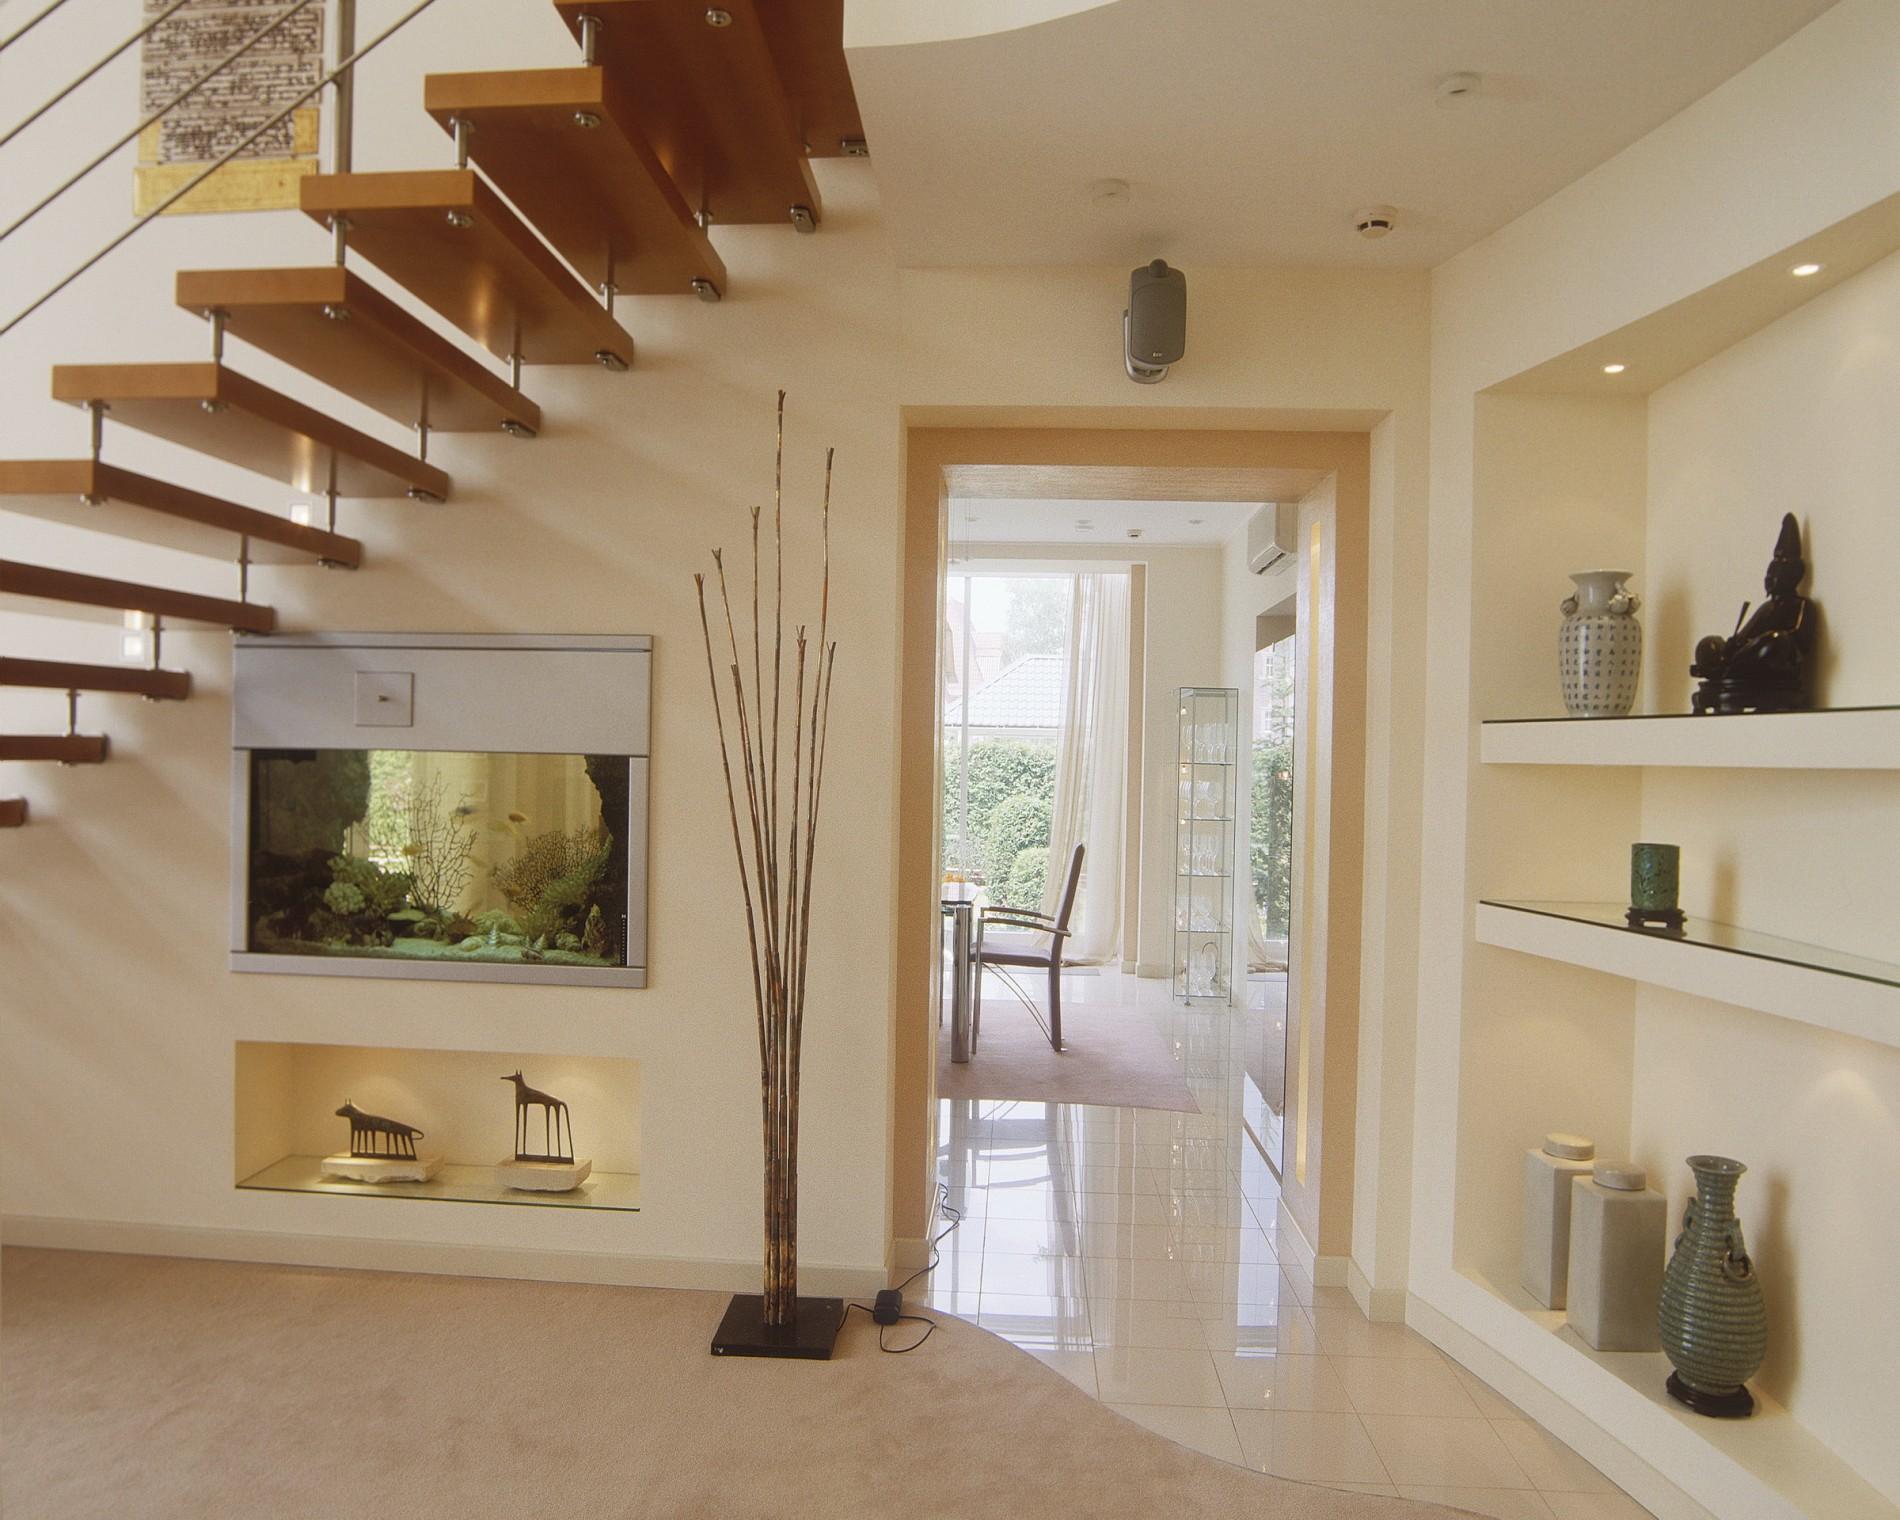 Современный интерьер с аквариумом в стене в загородном доме